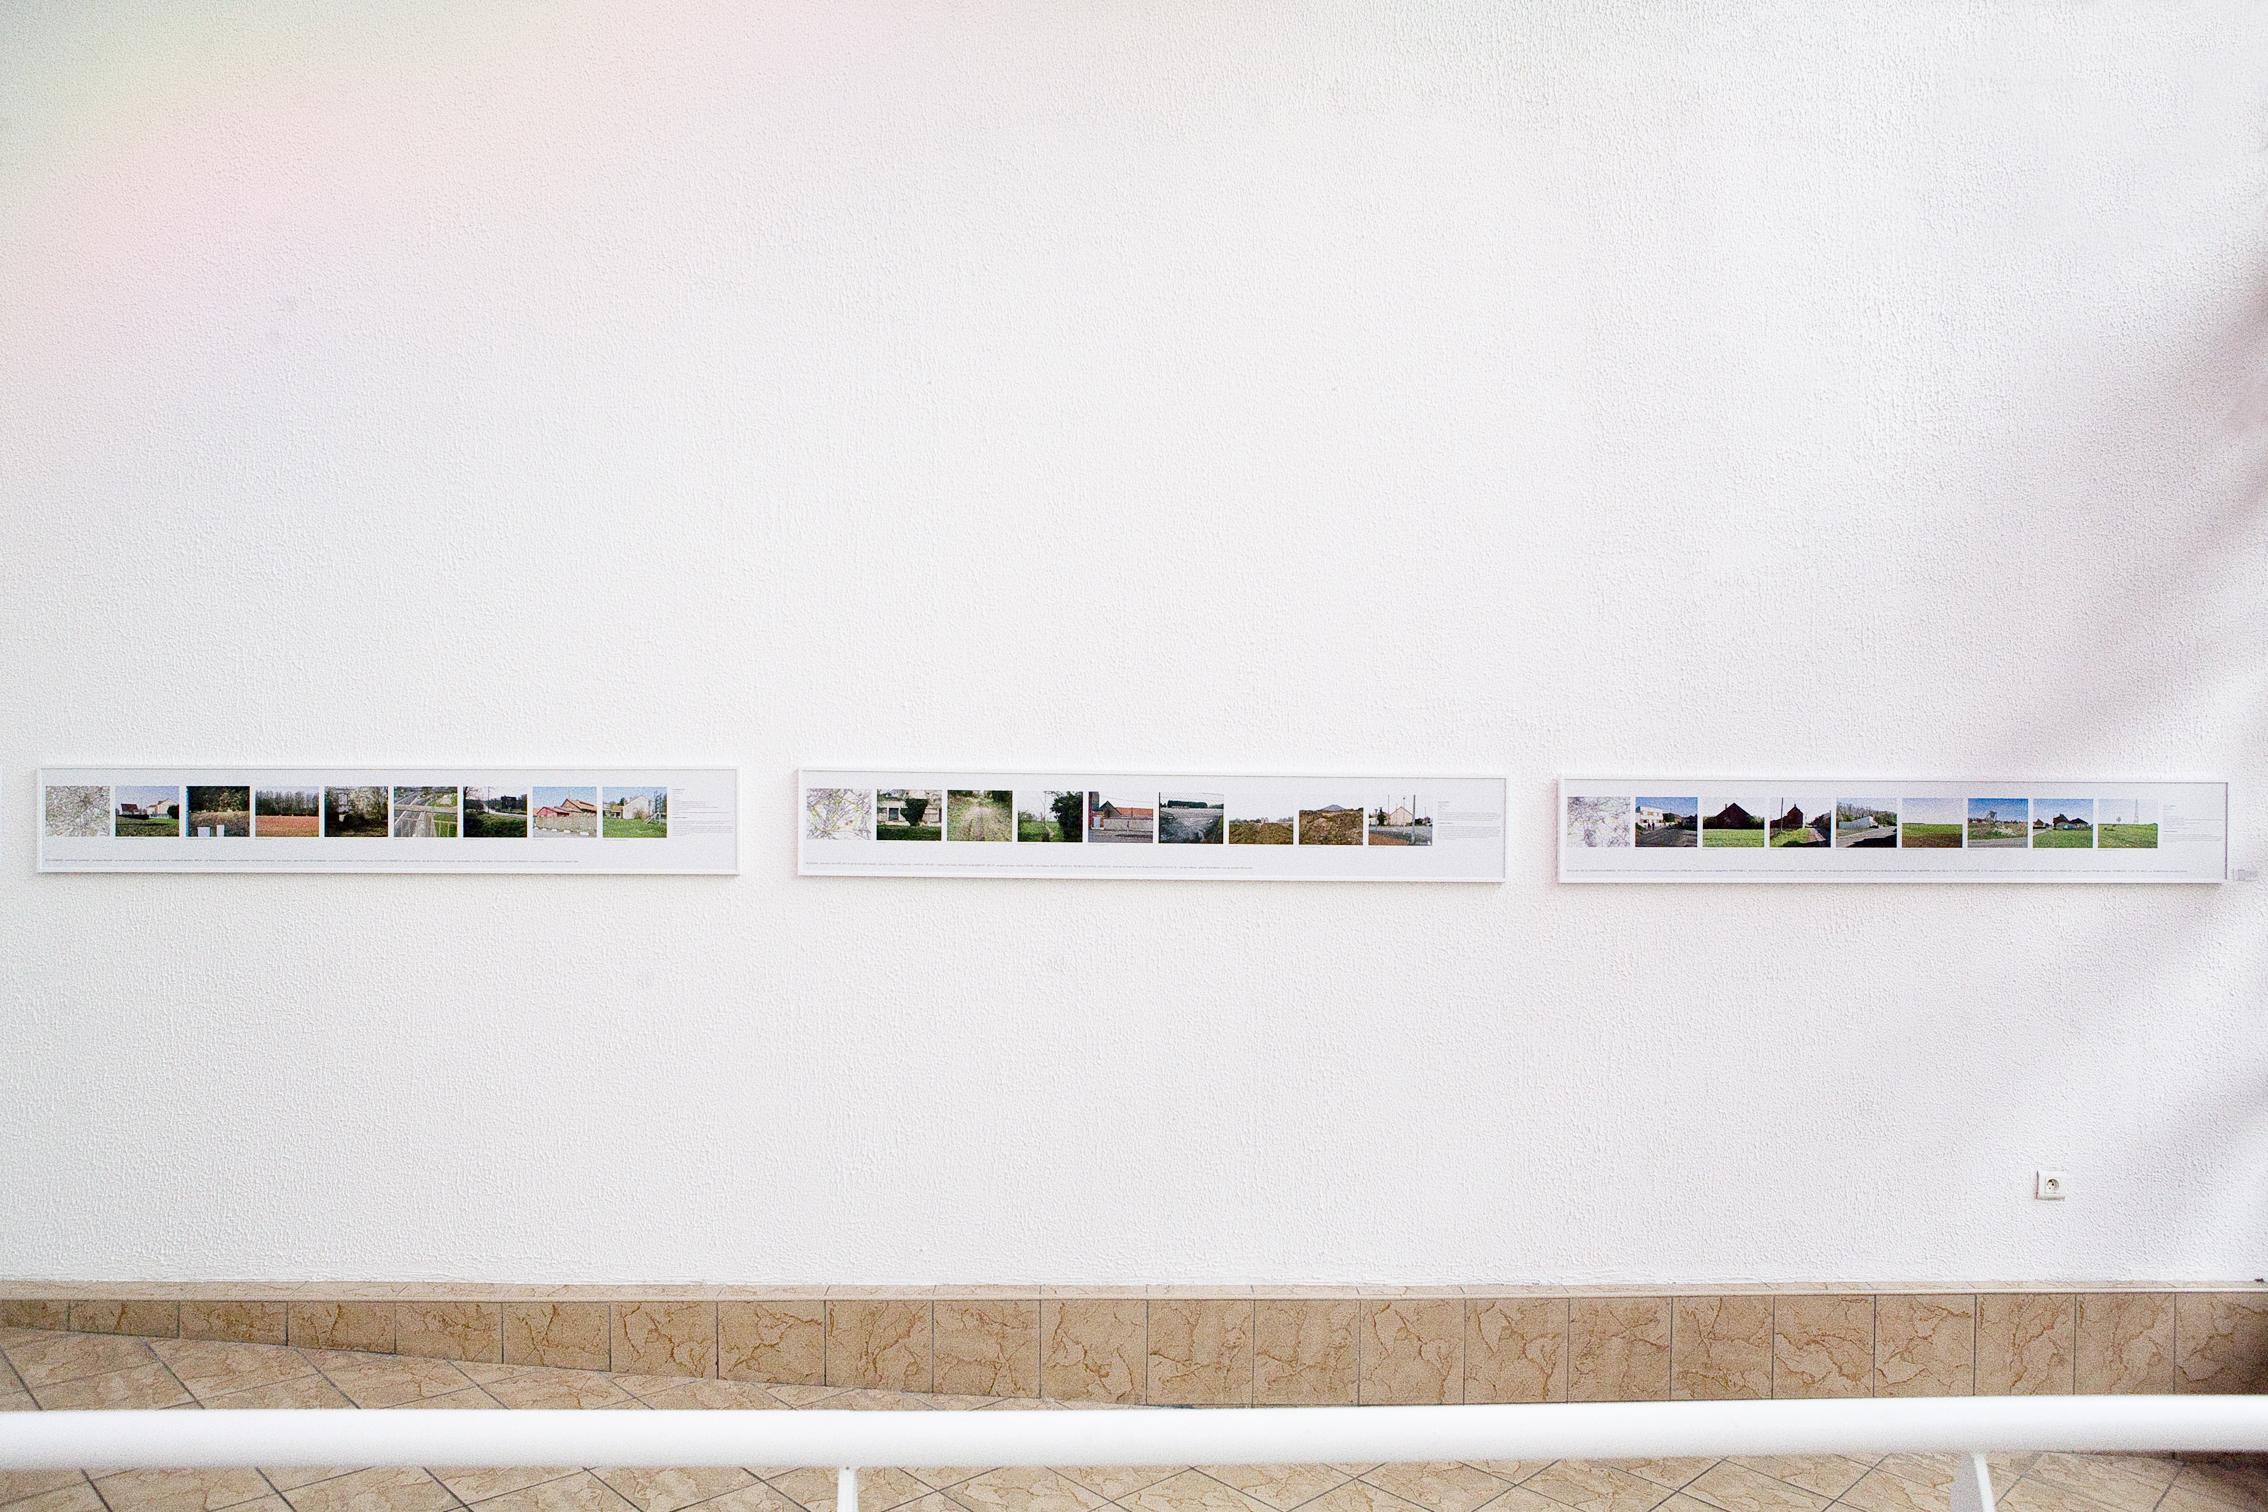 """exposition : La SMOB - culture commune, """"capitale régionale de la culture"""", marcher créer, territoire du bassin minier, paysage de l'Artois, paysage urbain, paysage périurbain et paysage de la campagne"""